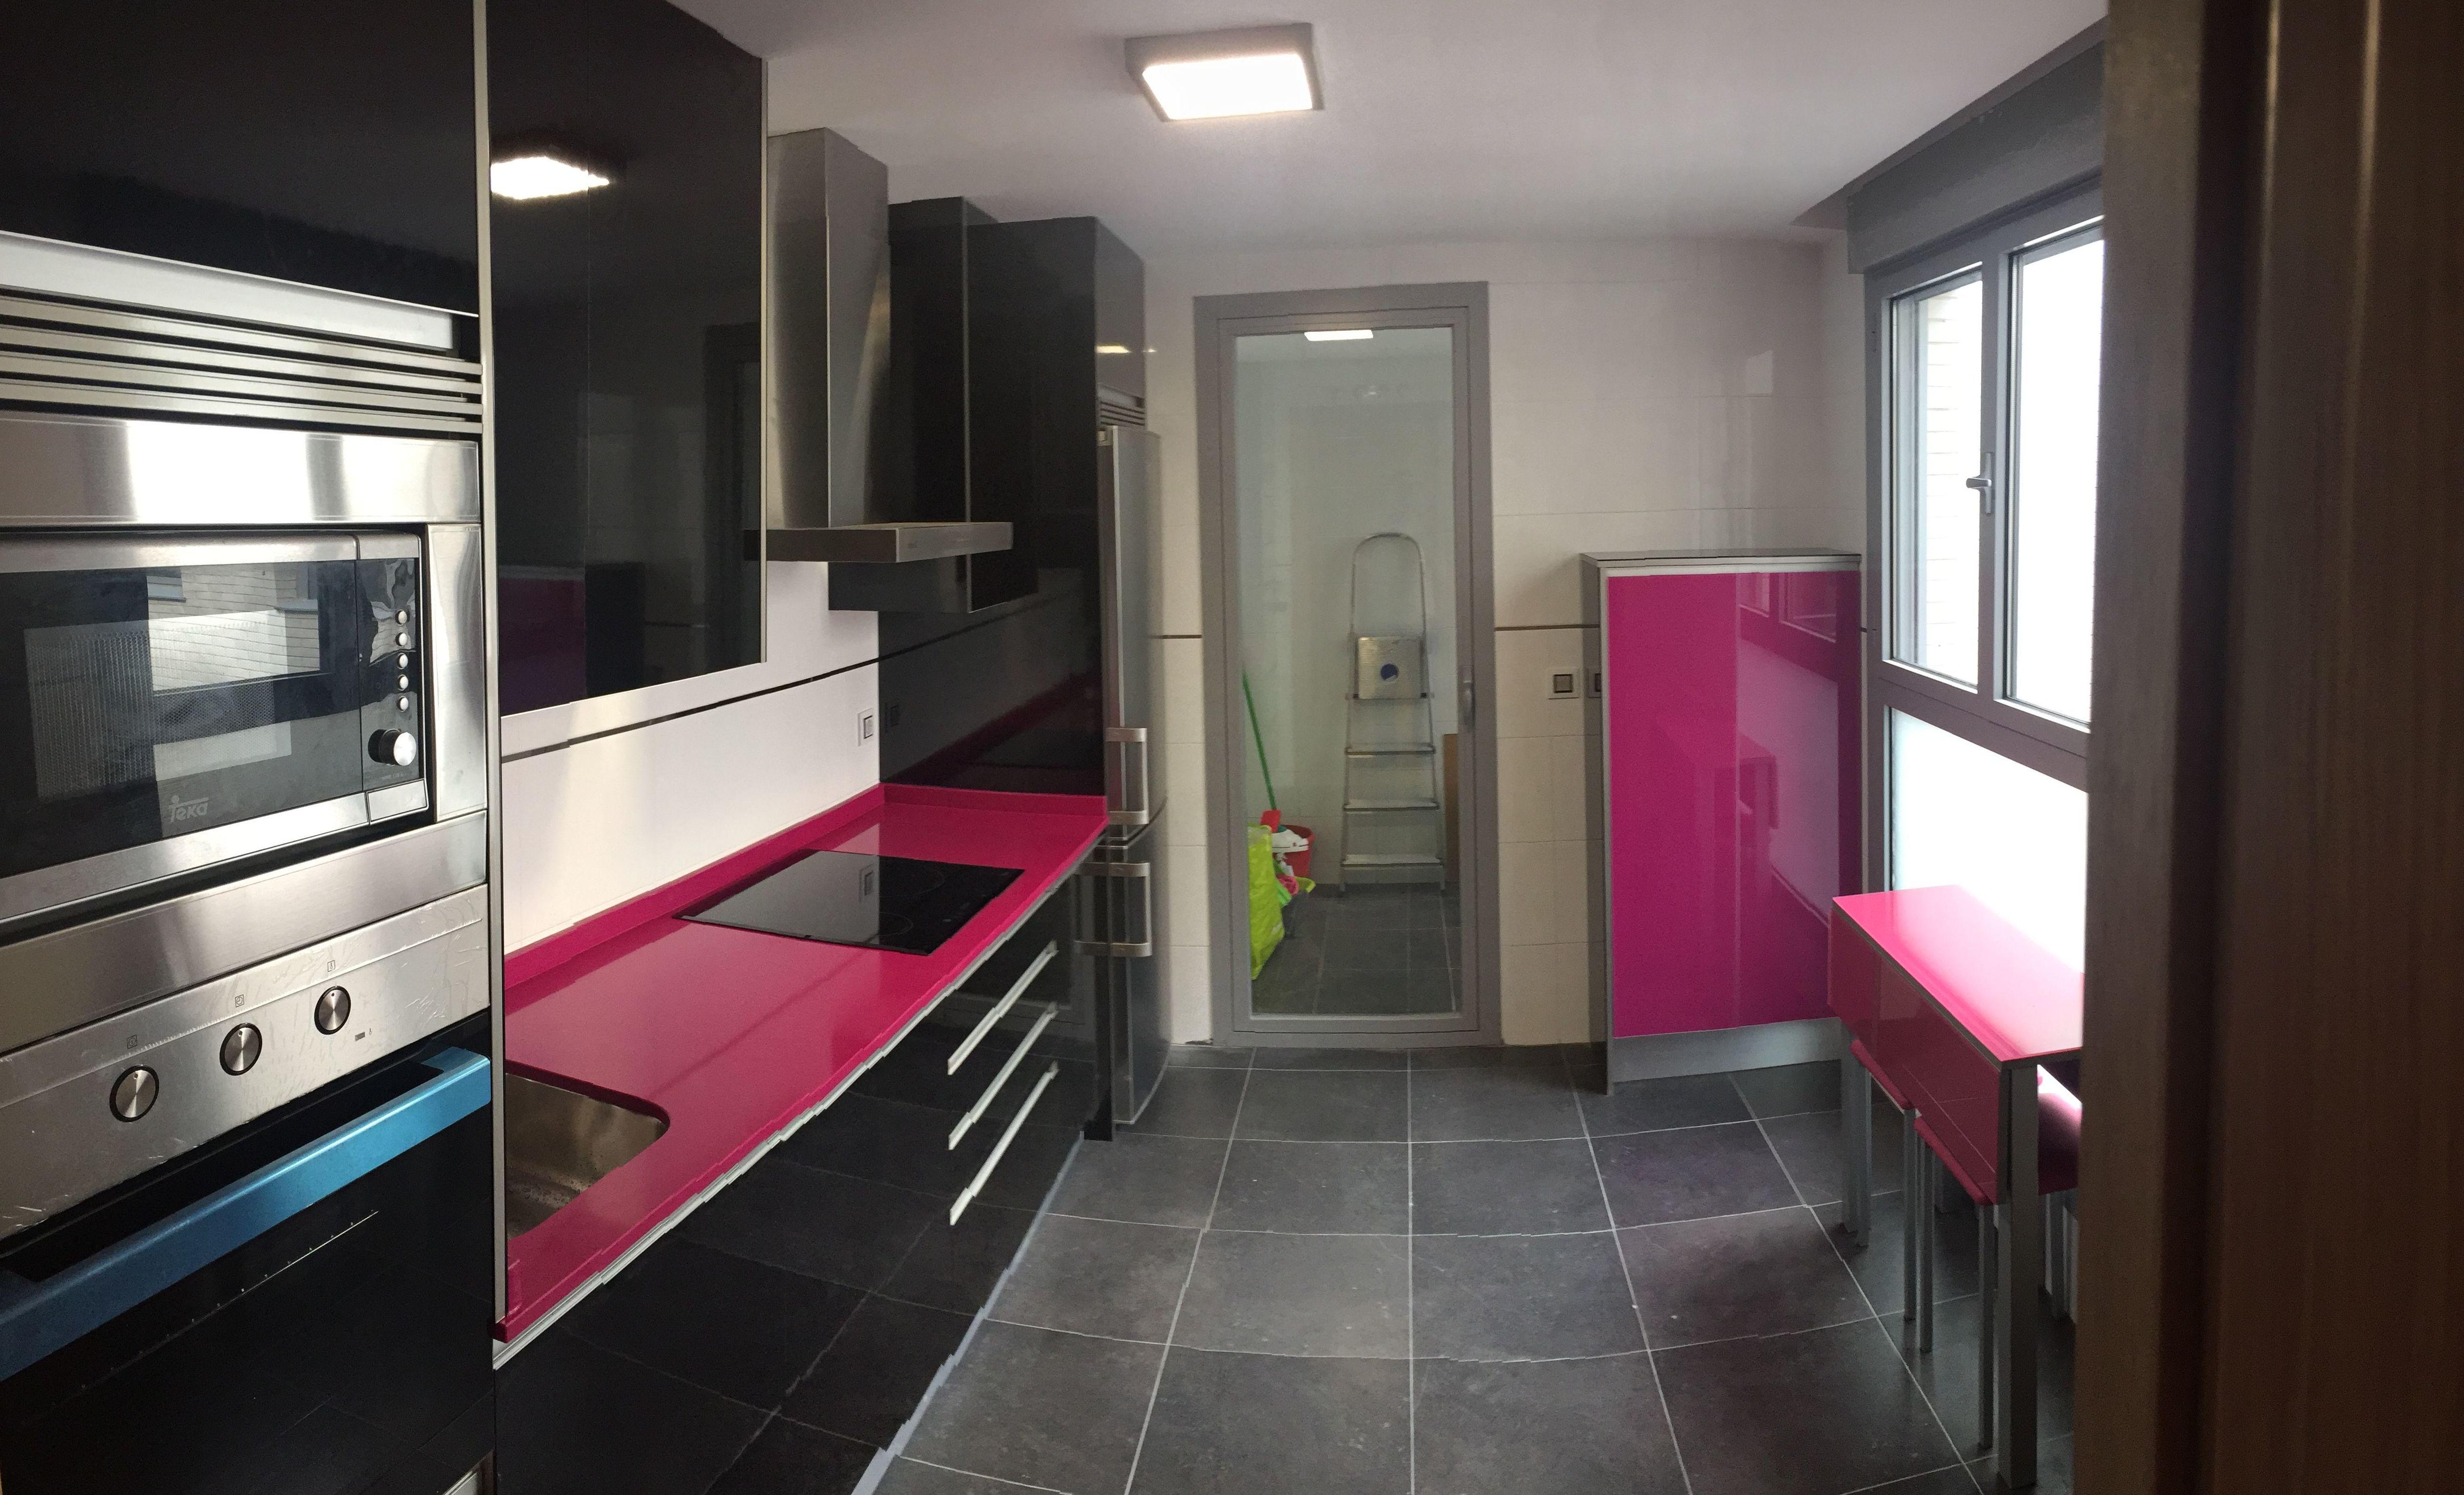 Tiendas de muebles de cocina en madrid reformas de cocinas for Muebles para cocina baratos